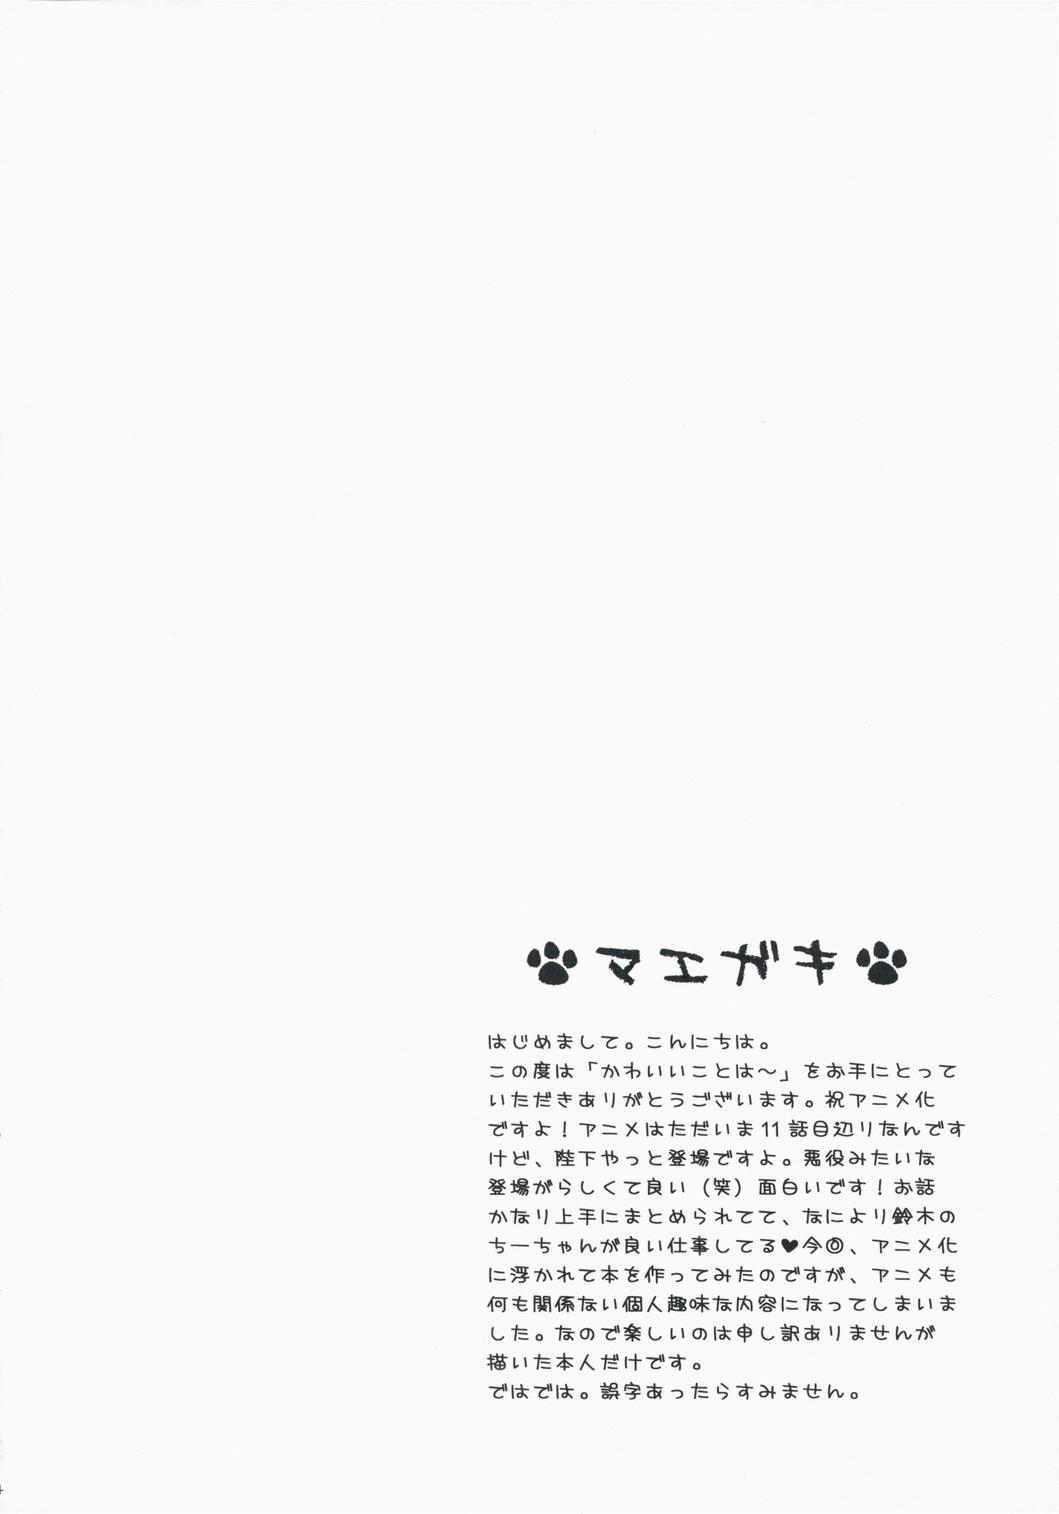 Kawaii Kotoha Yoikoto Dato Omoi Masu 2